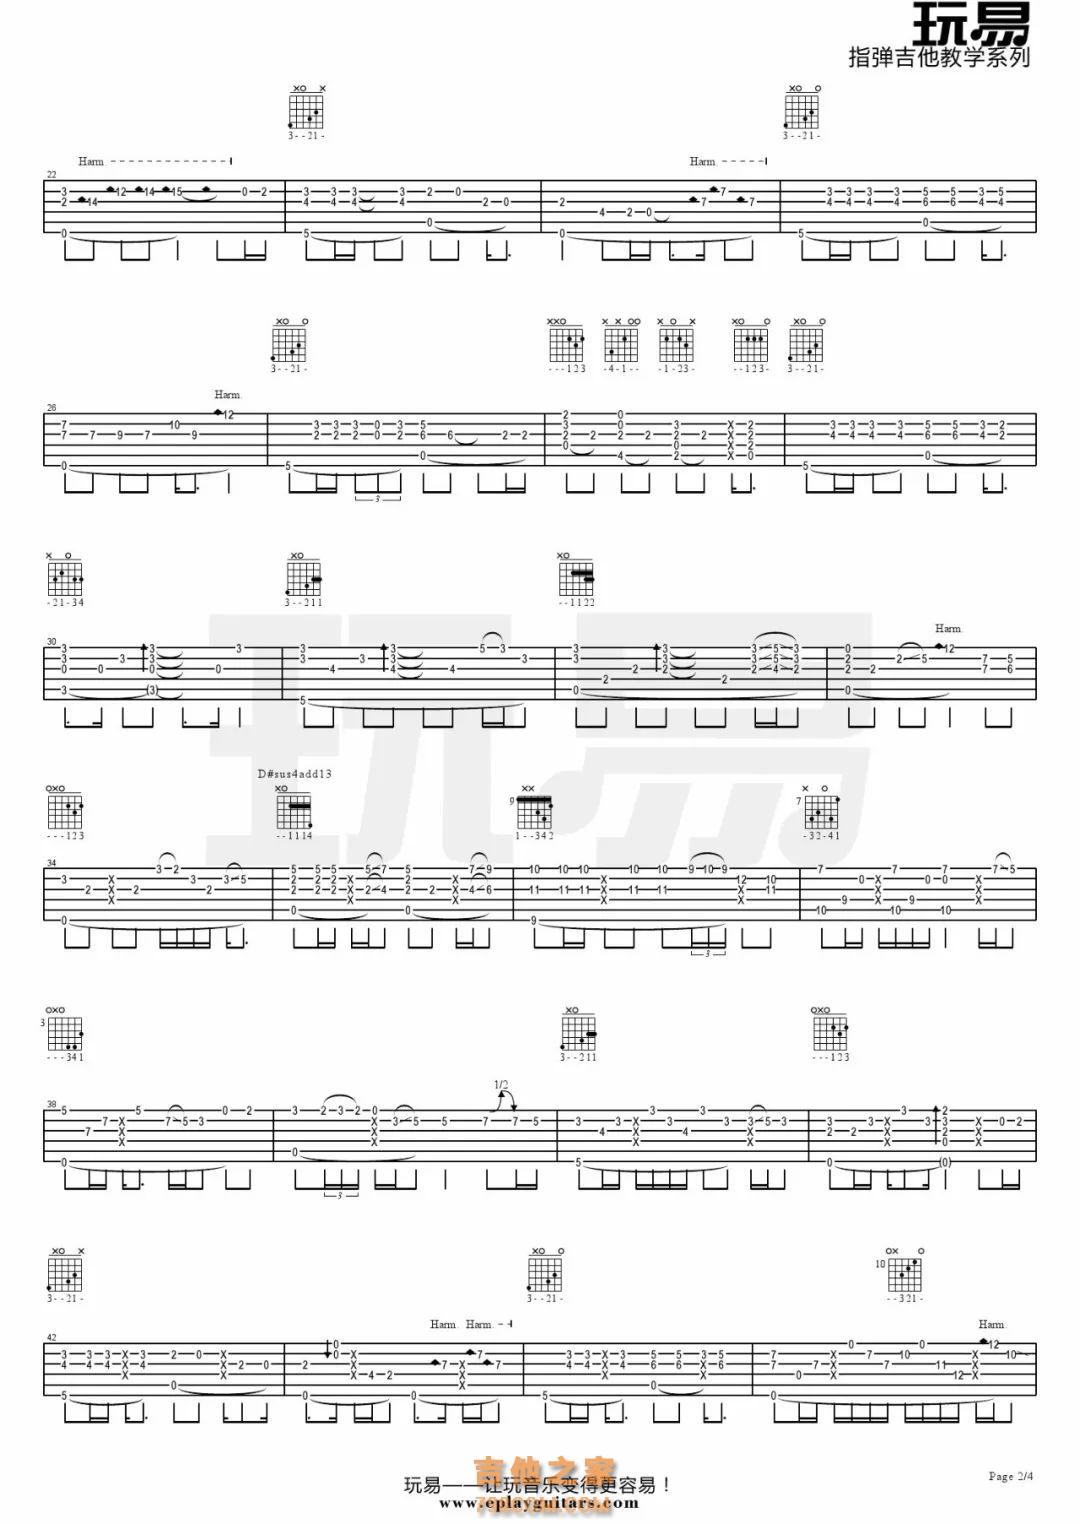 海阔天空文本吉他谱_【吉他谱*视频】指弹《海阔天空吉他谱》 - 指弹吉他谱 - 吉他之家